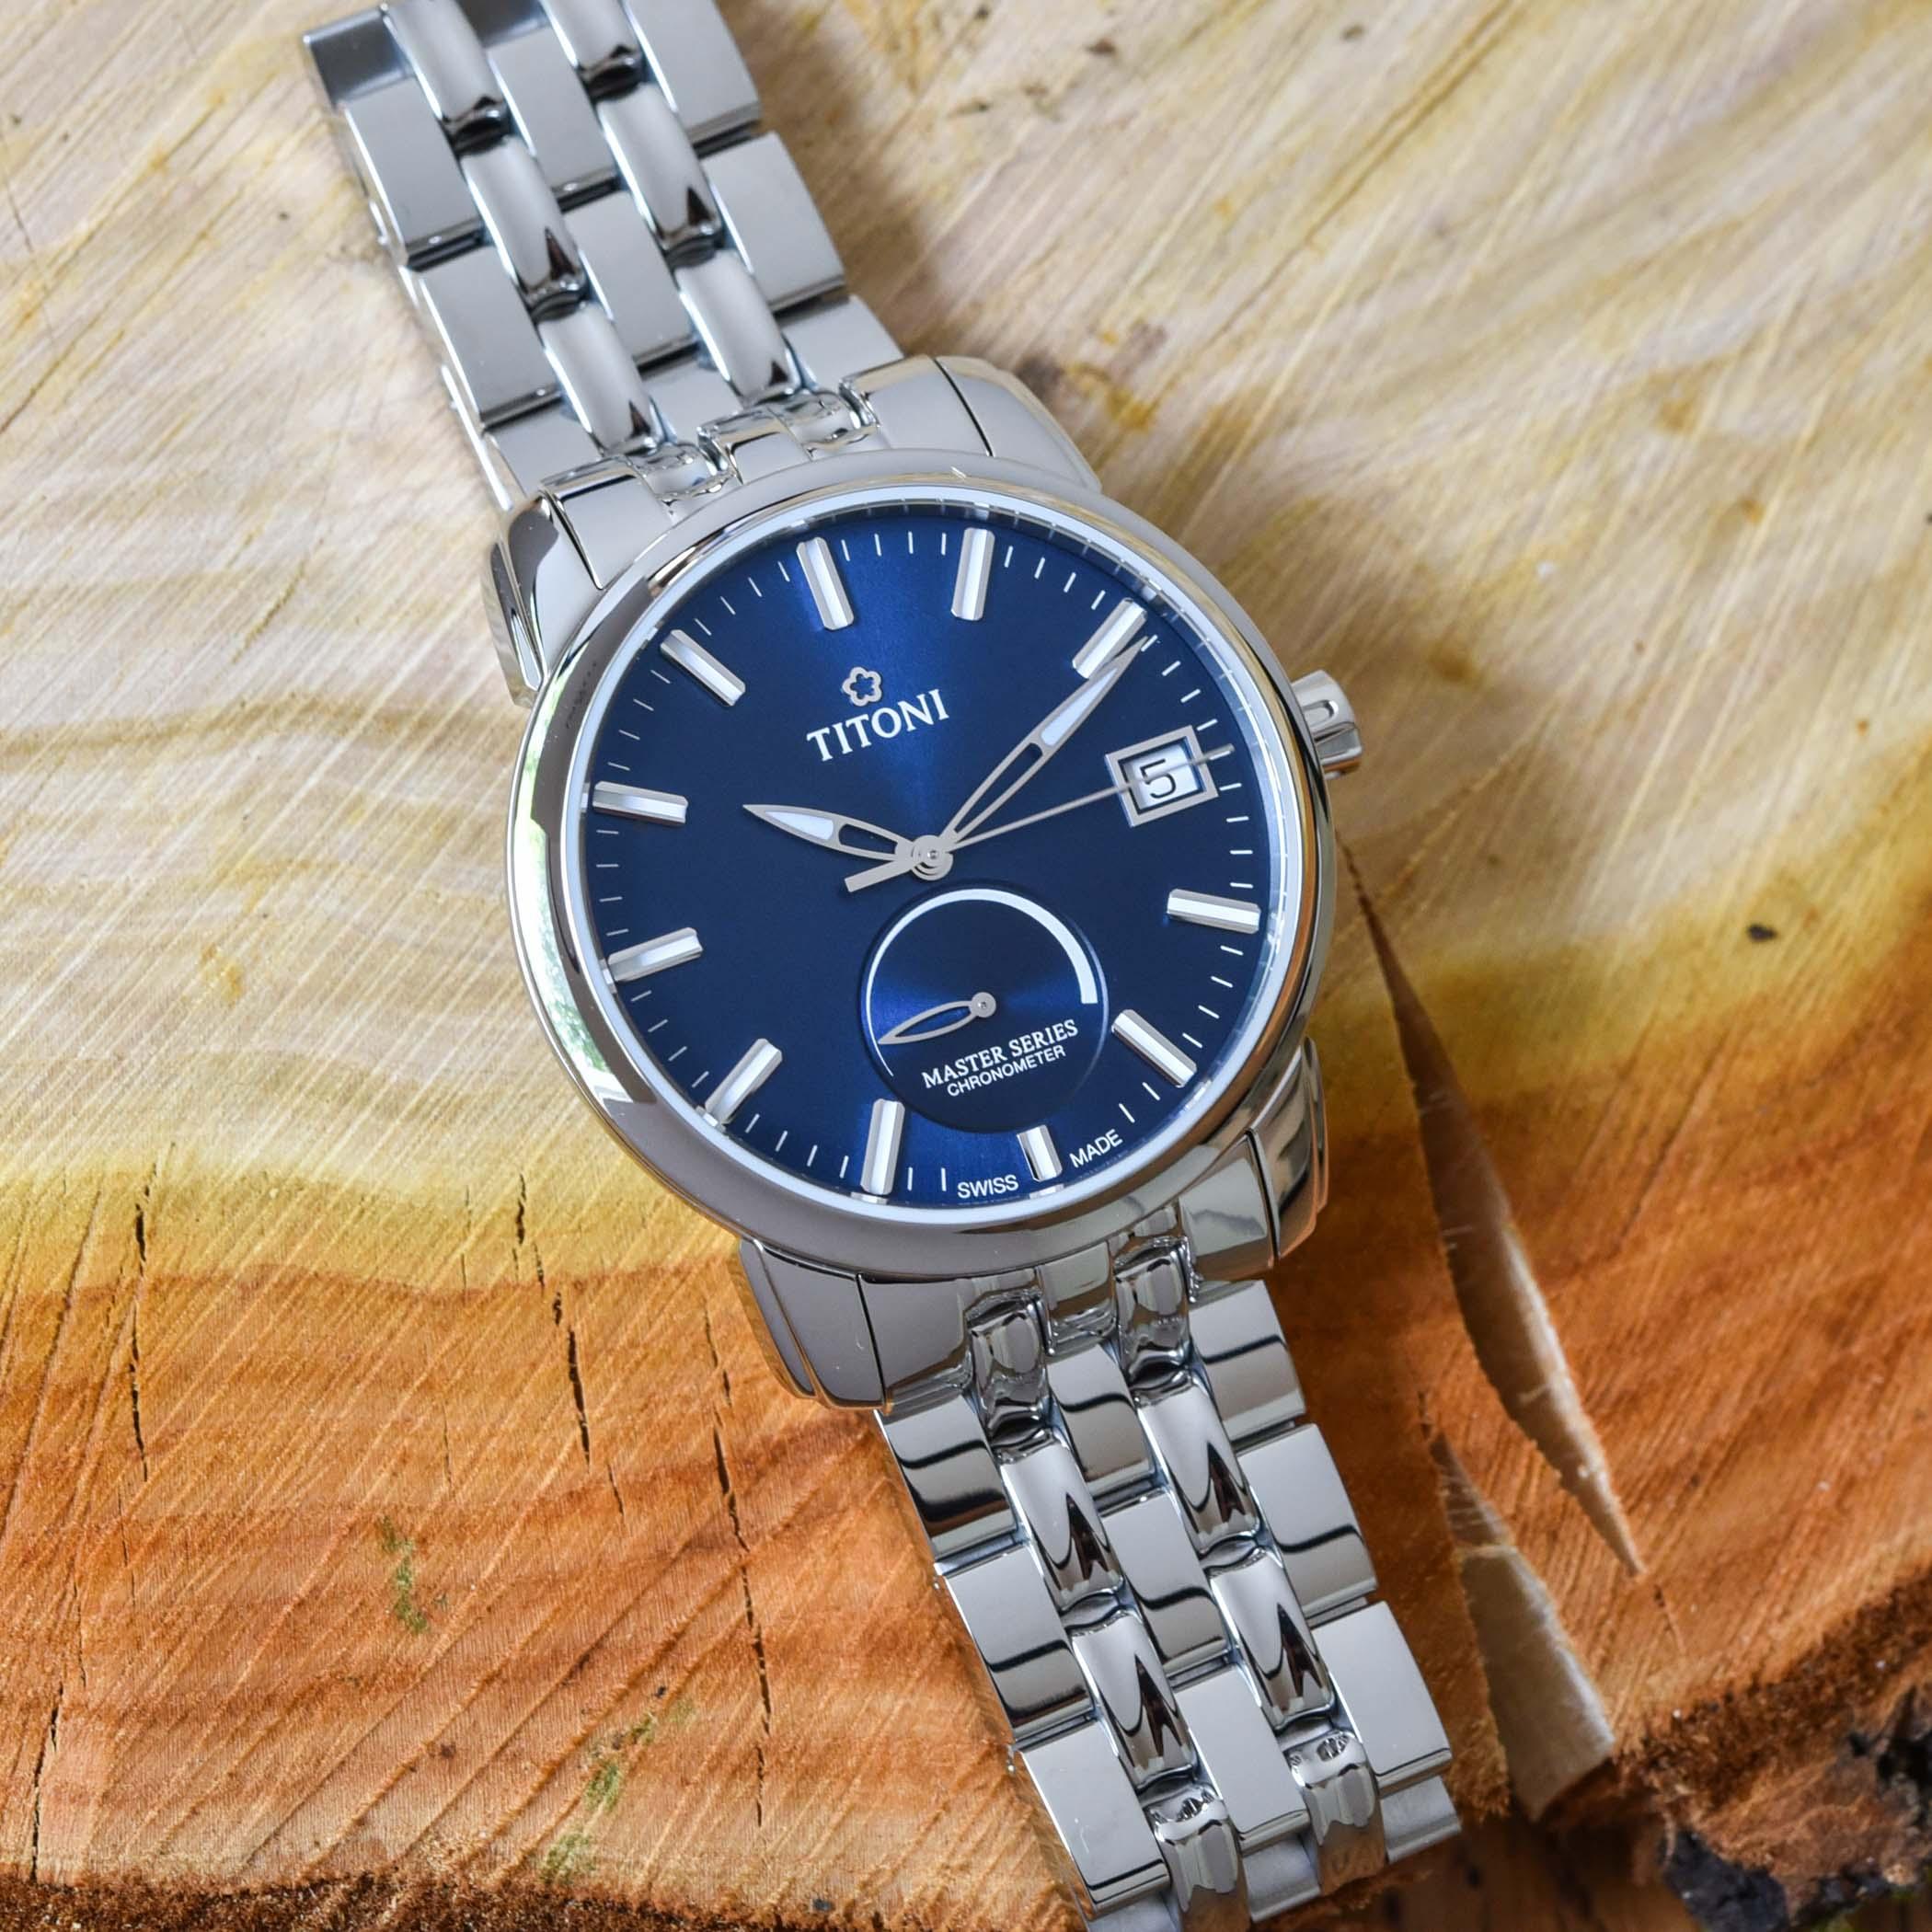 Titoni Master Series Power Reserve Chronometer - 5